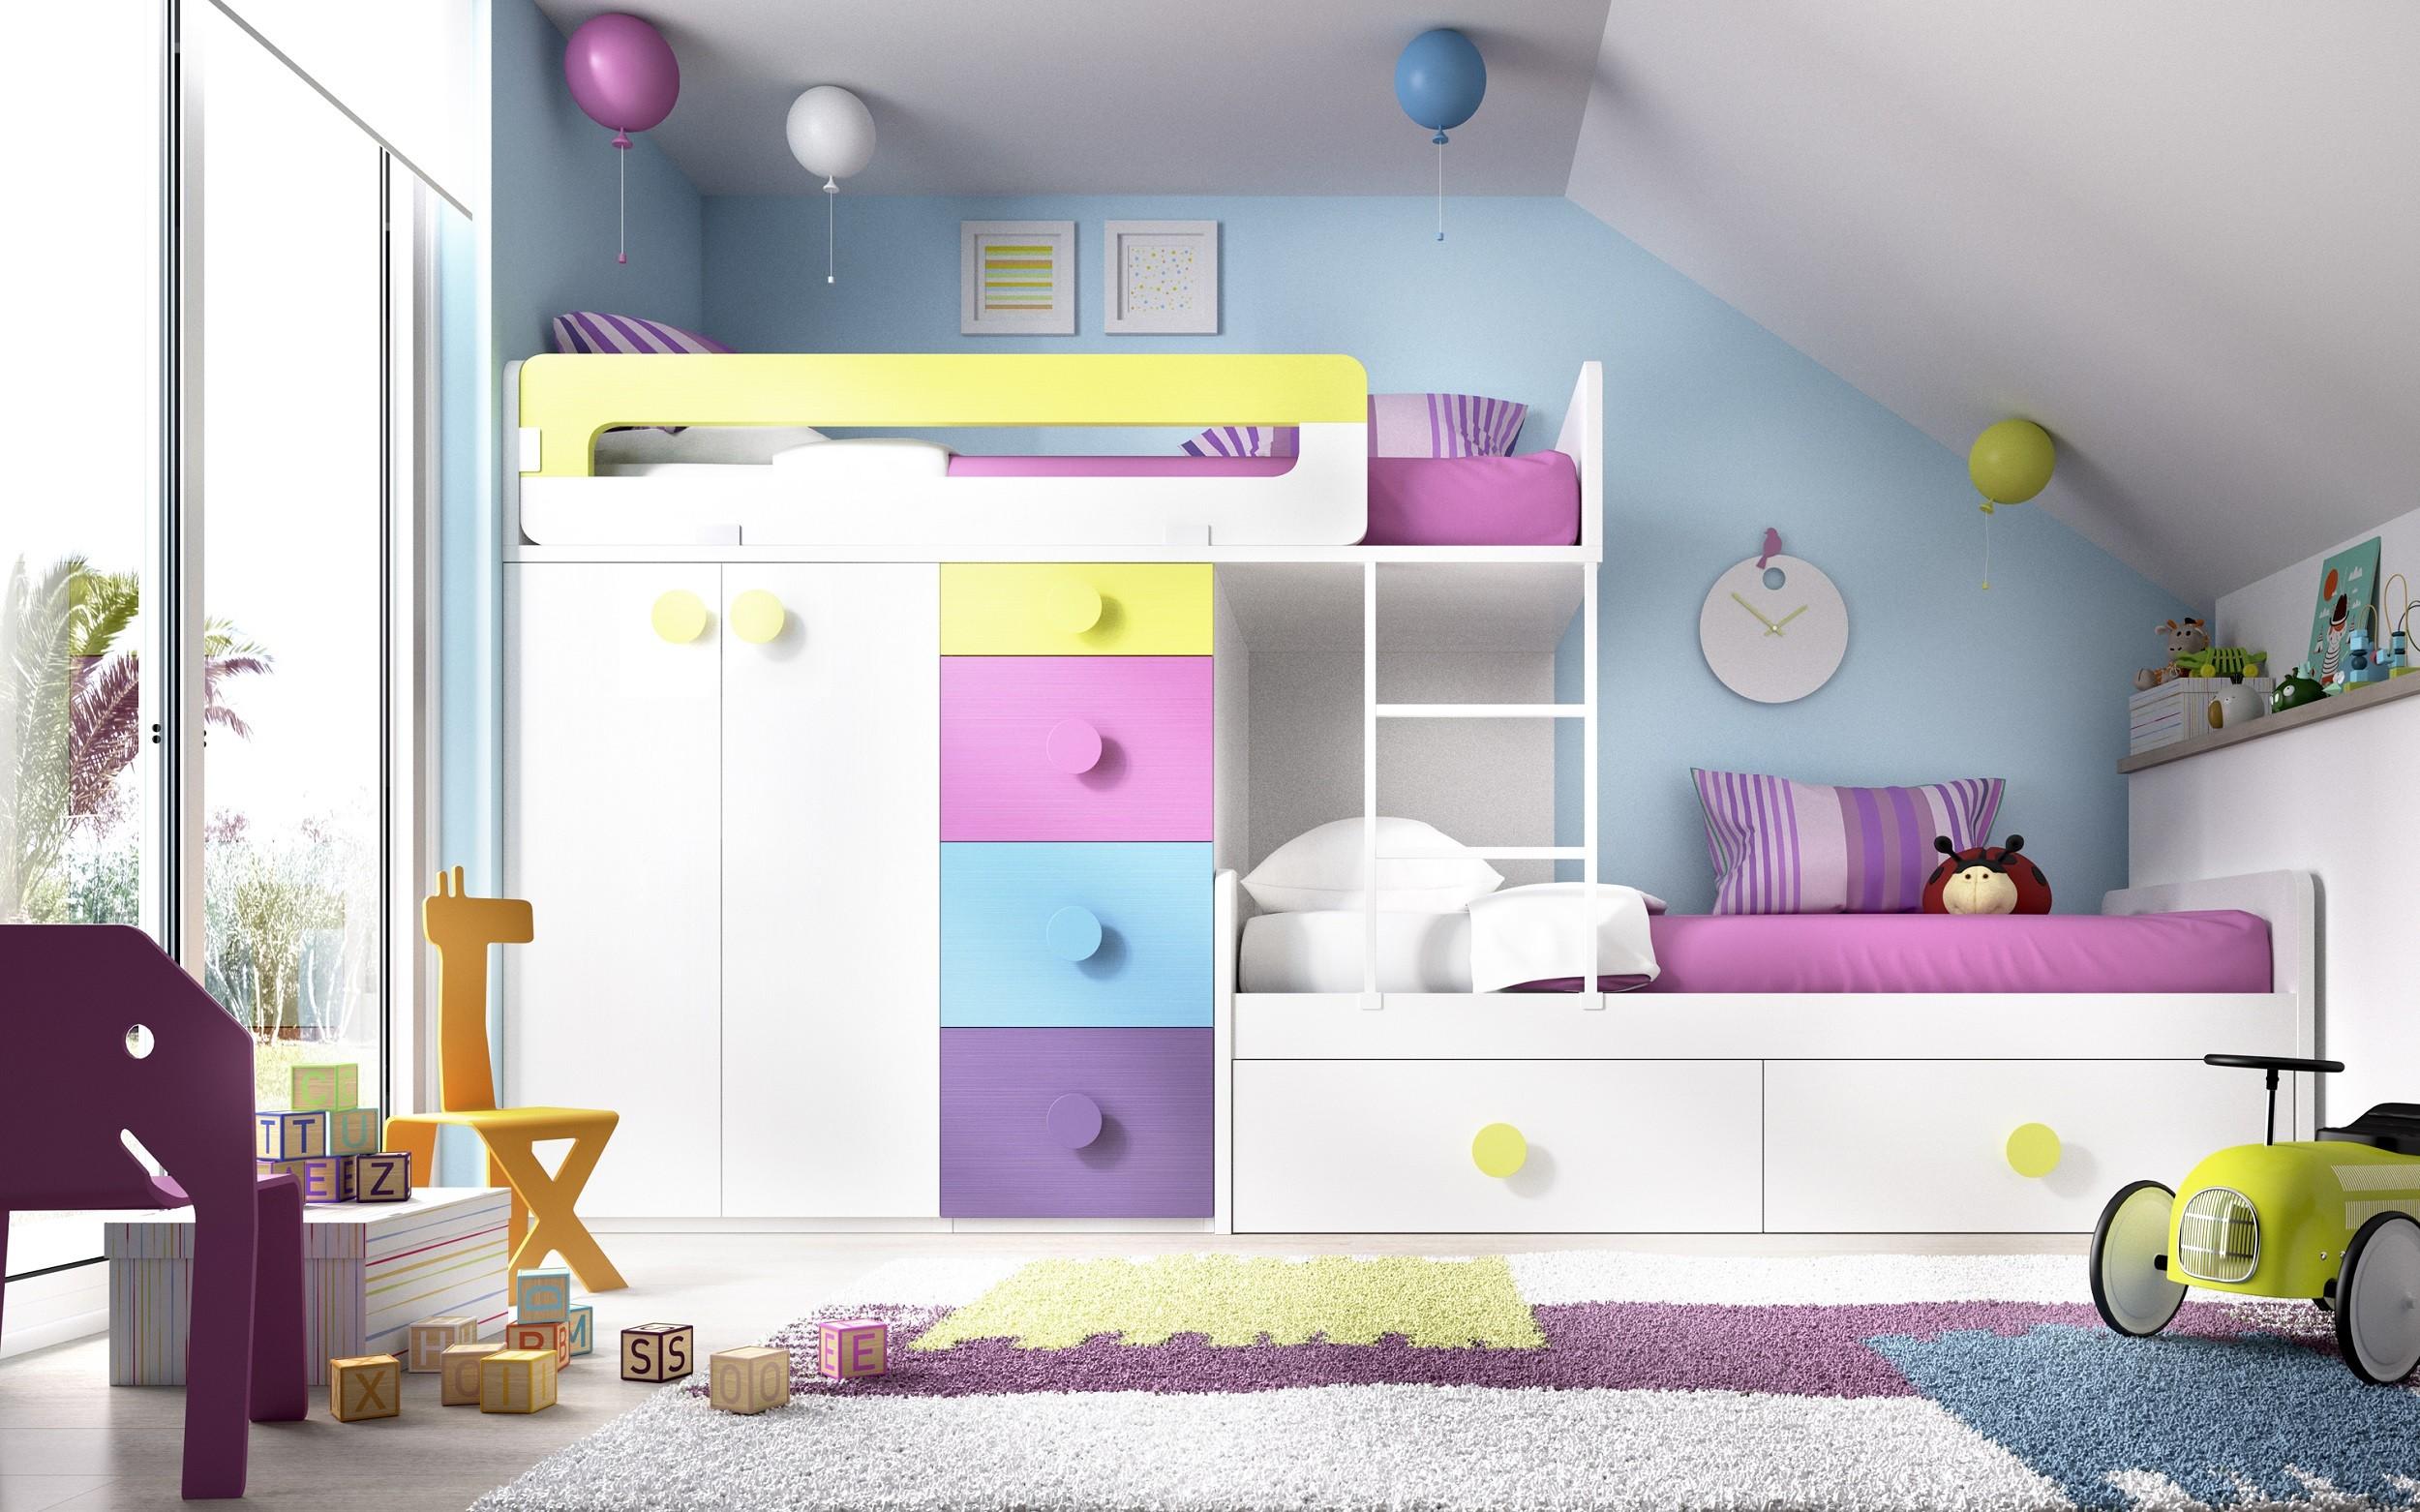 Full Size of Kinderzimmer Hochbett Jump 317 Und Jugendzimmer Regal Weiß Sofa Regale Kinderzimmer Kinderzimmer Hochbett